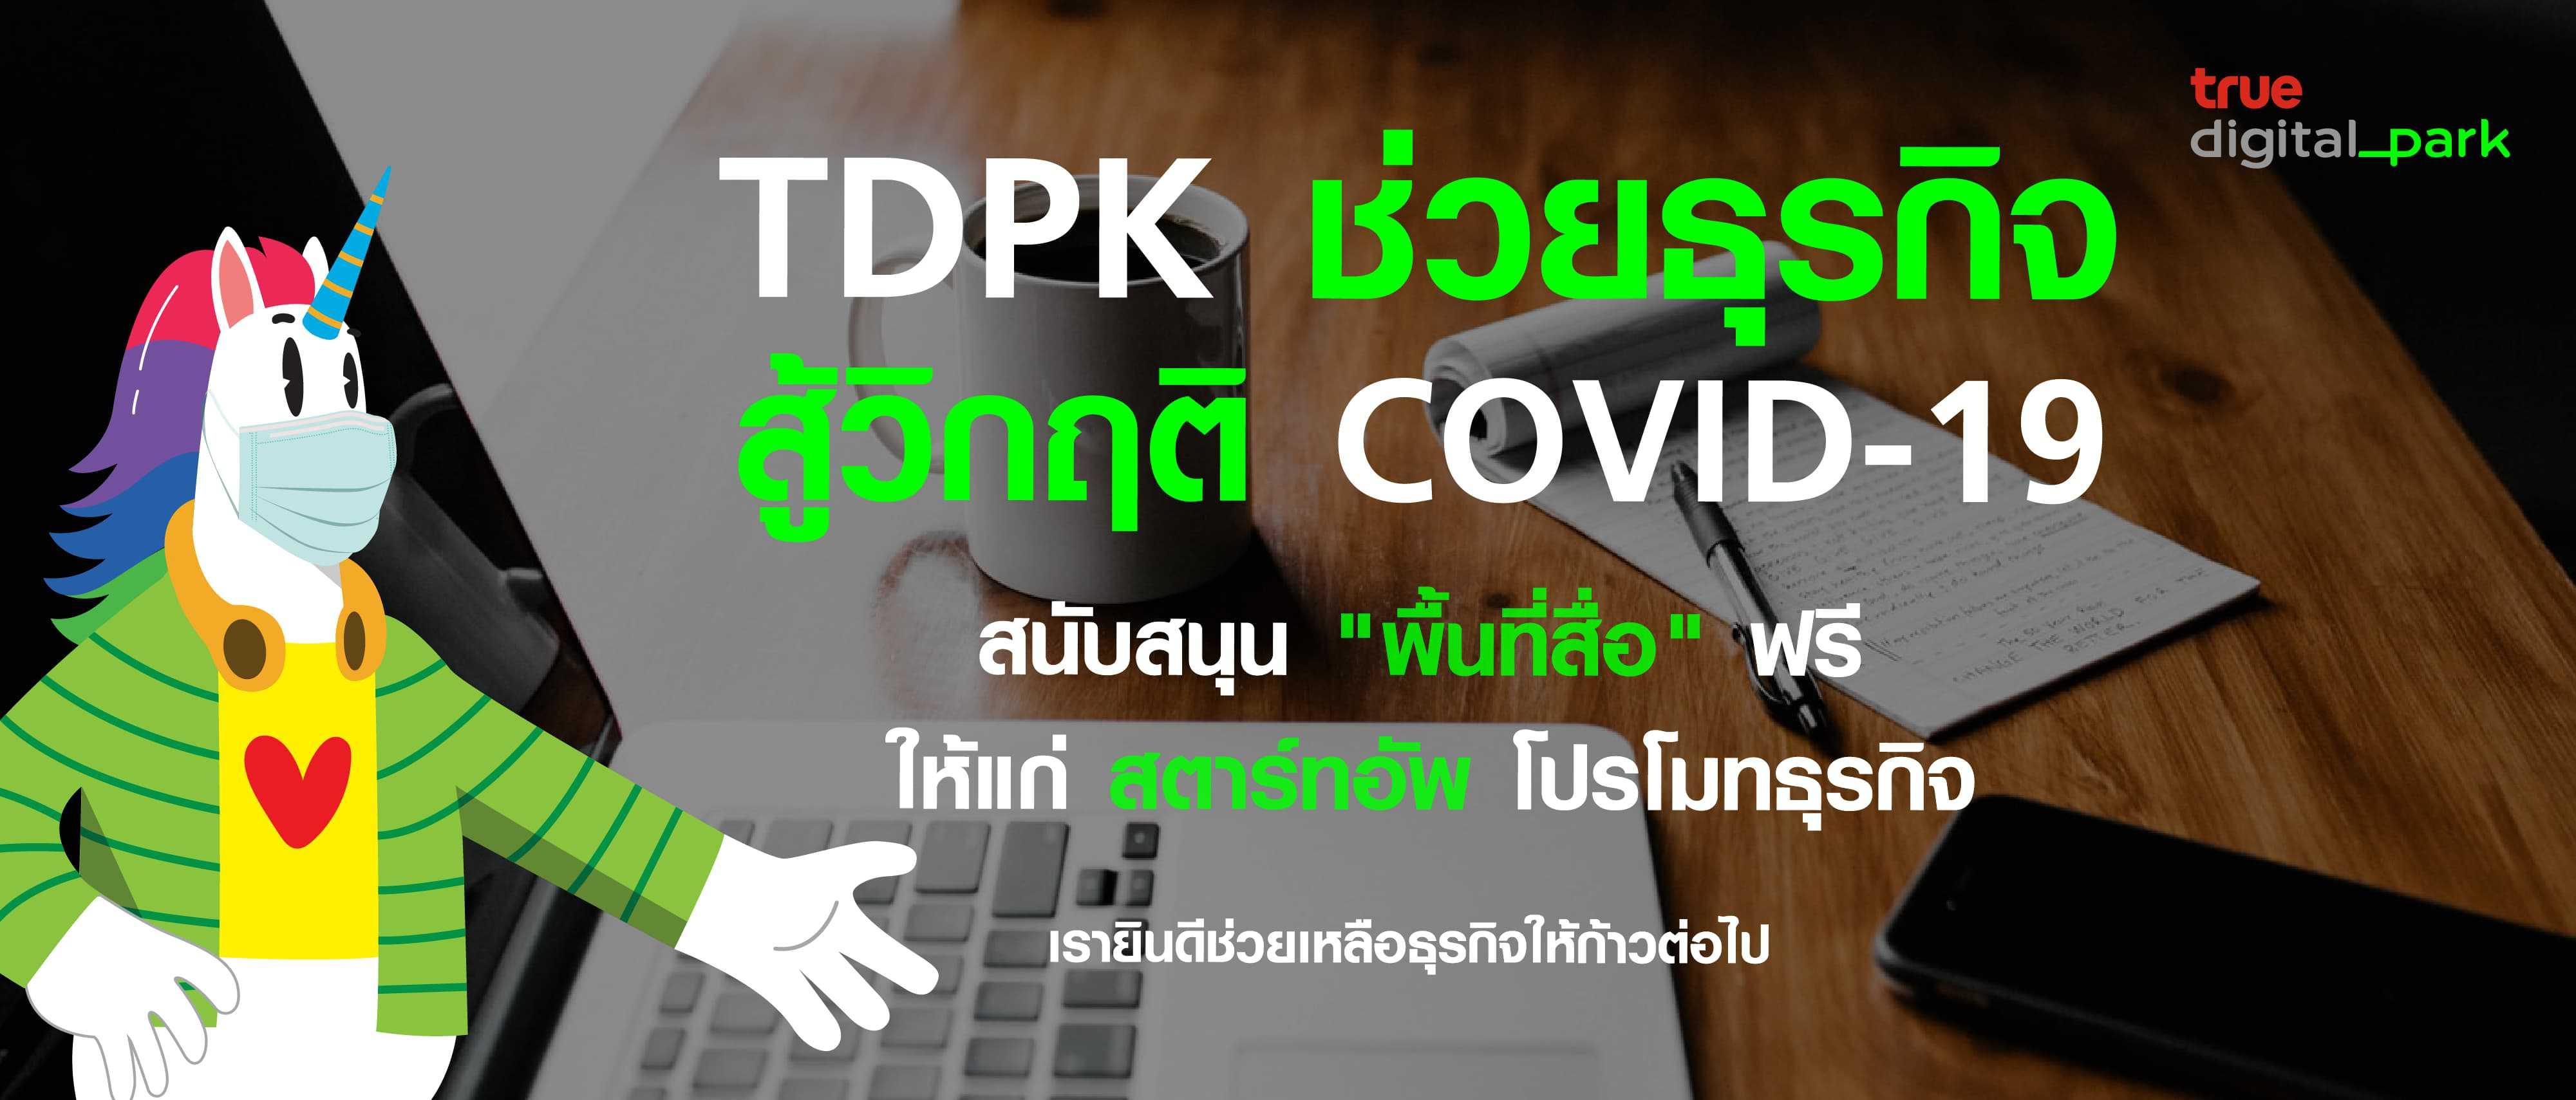 TDPK ช่วยธุรกิจ สู้วิกฤติ โควิด 19